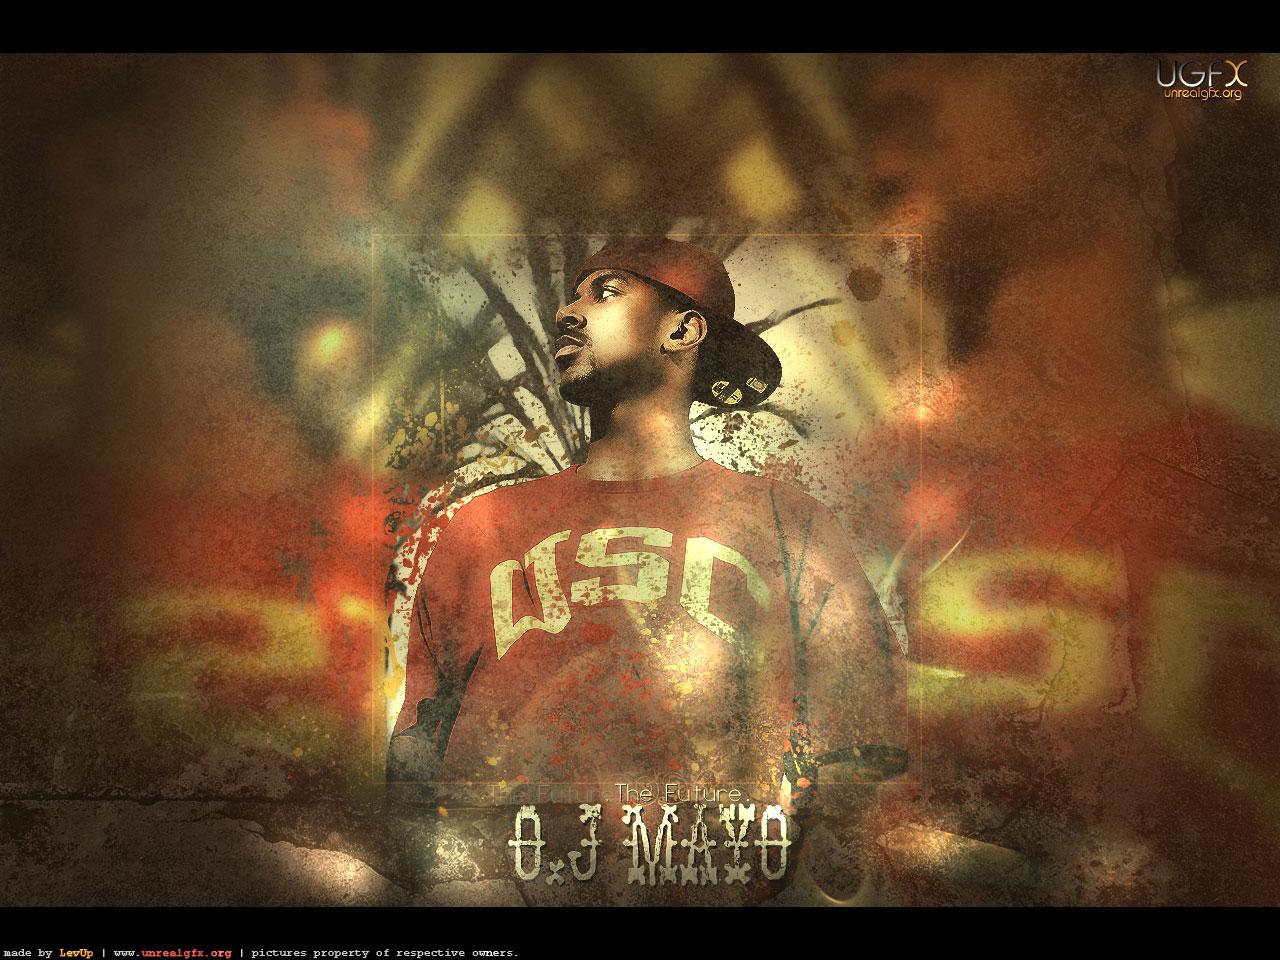 http://1.bp.blogspot.com/_0_IbsH3Iw48/TM6iglA3U7I/AAAAAAAADBA/Hu4zCMl7dag/s1600/O-J-Mayo-USC-Wallpaper.jpg